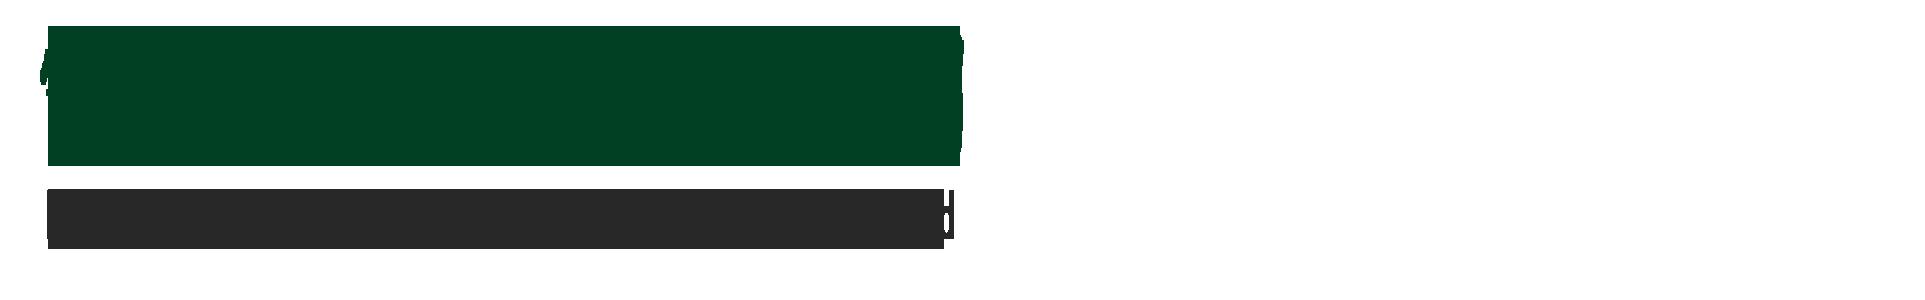 寧夏正德源科技發展股份有限公司